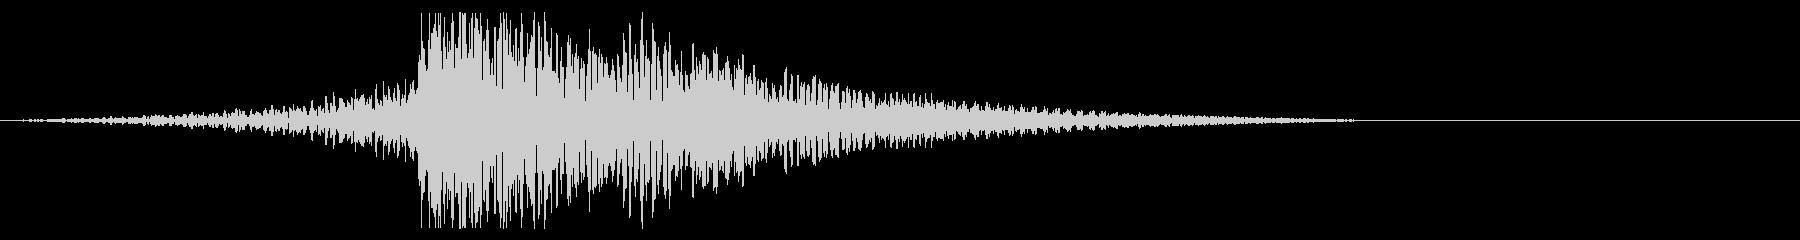 ホラー系アタック音111の未再生の波形